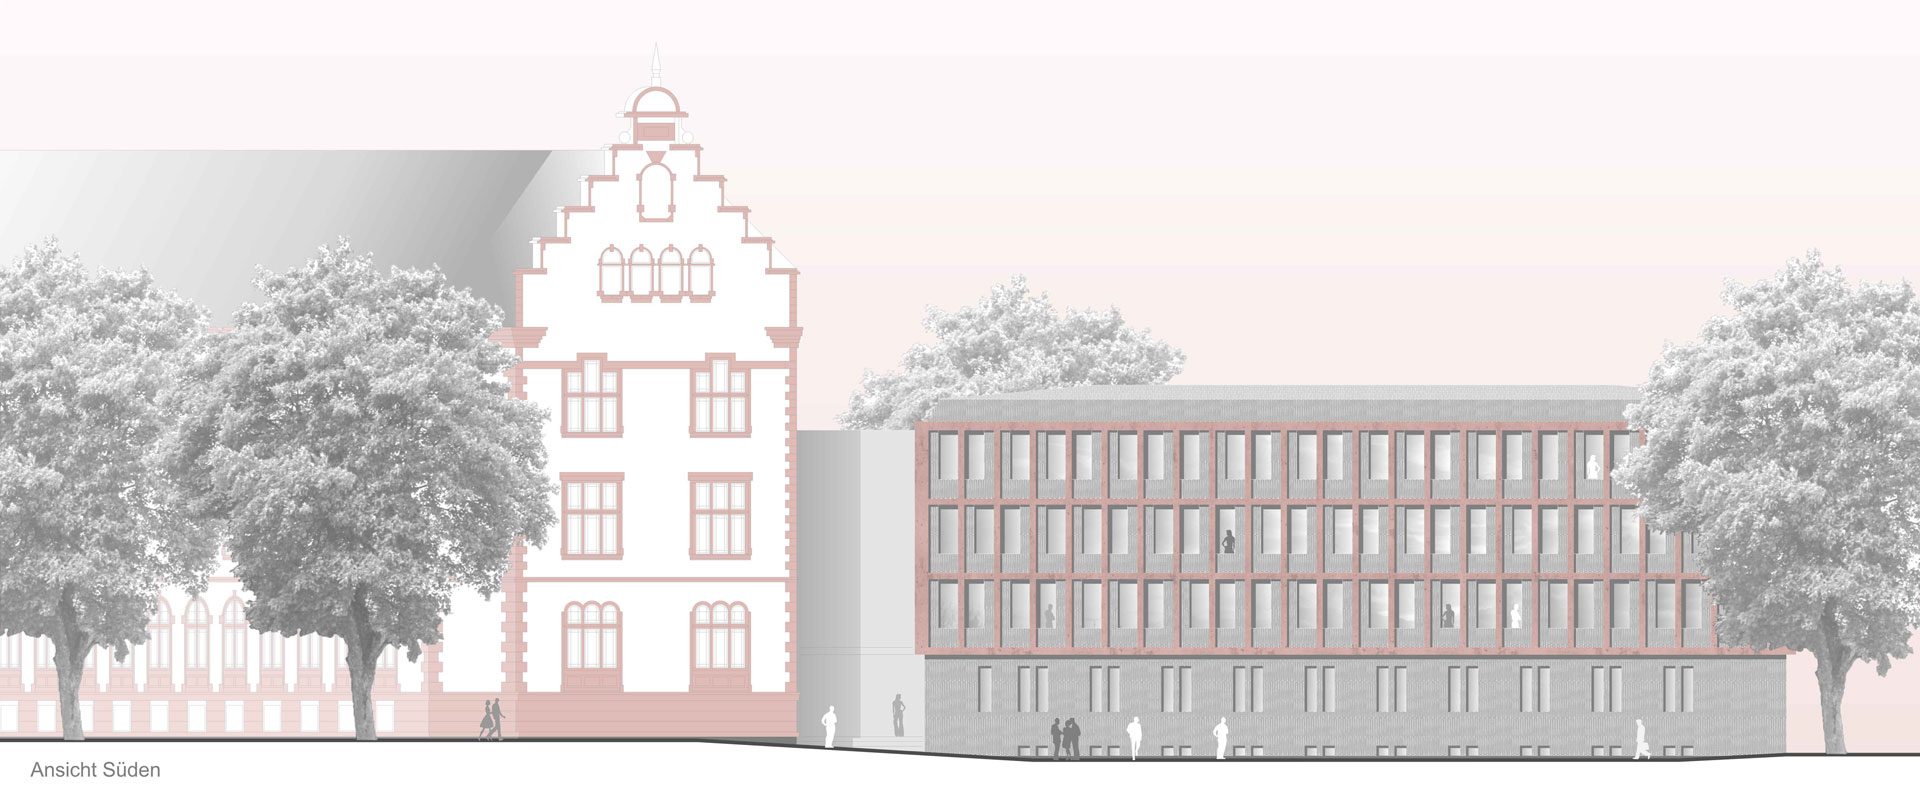 bathe+reber_architektur_wettbewerb_rathausfassade_hamm_02